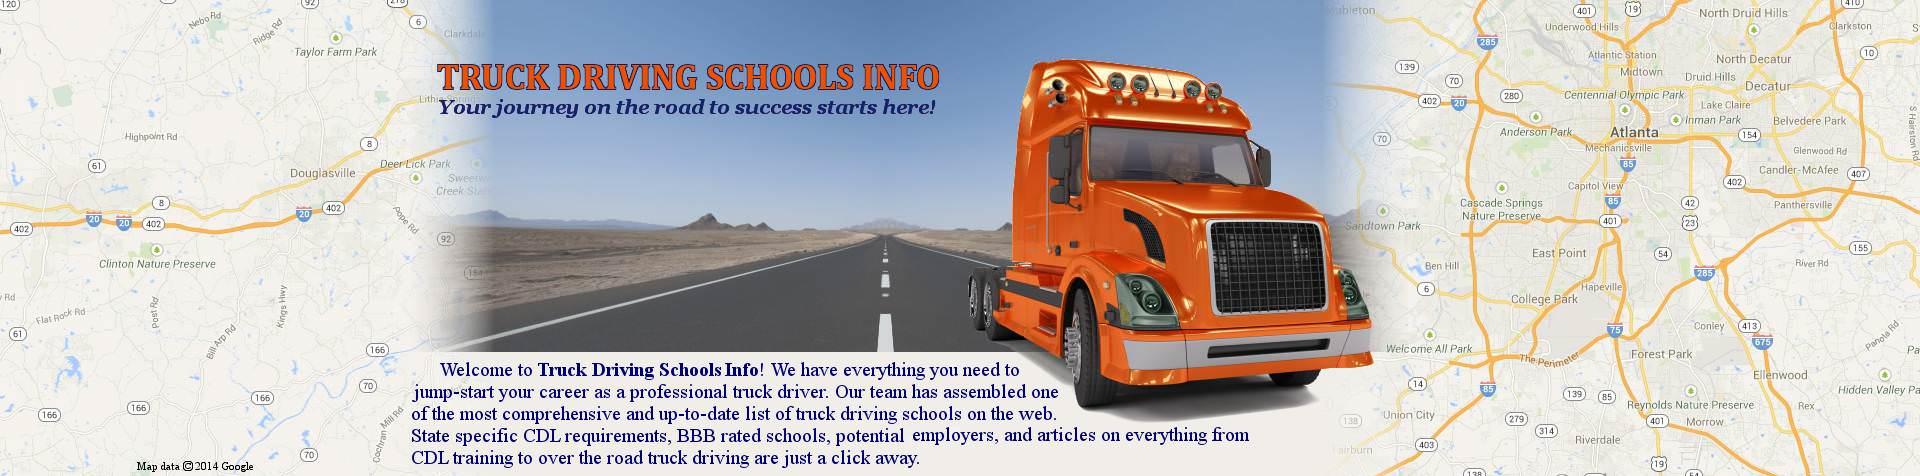 Truck Driving Schools Info